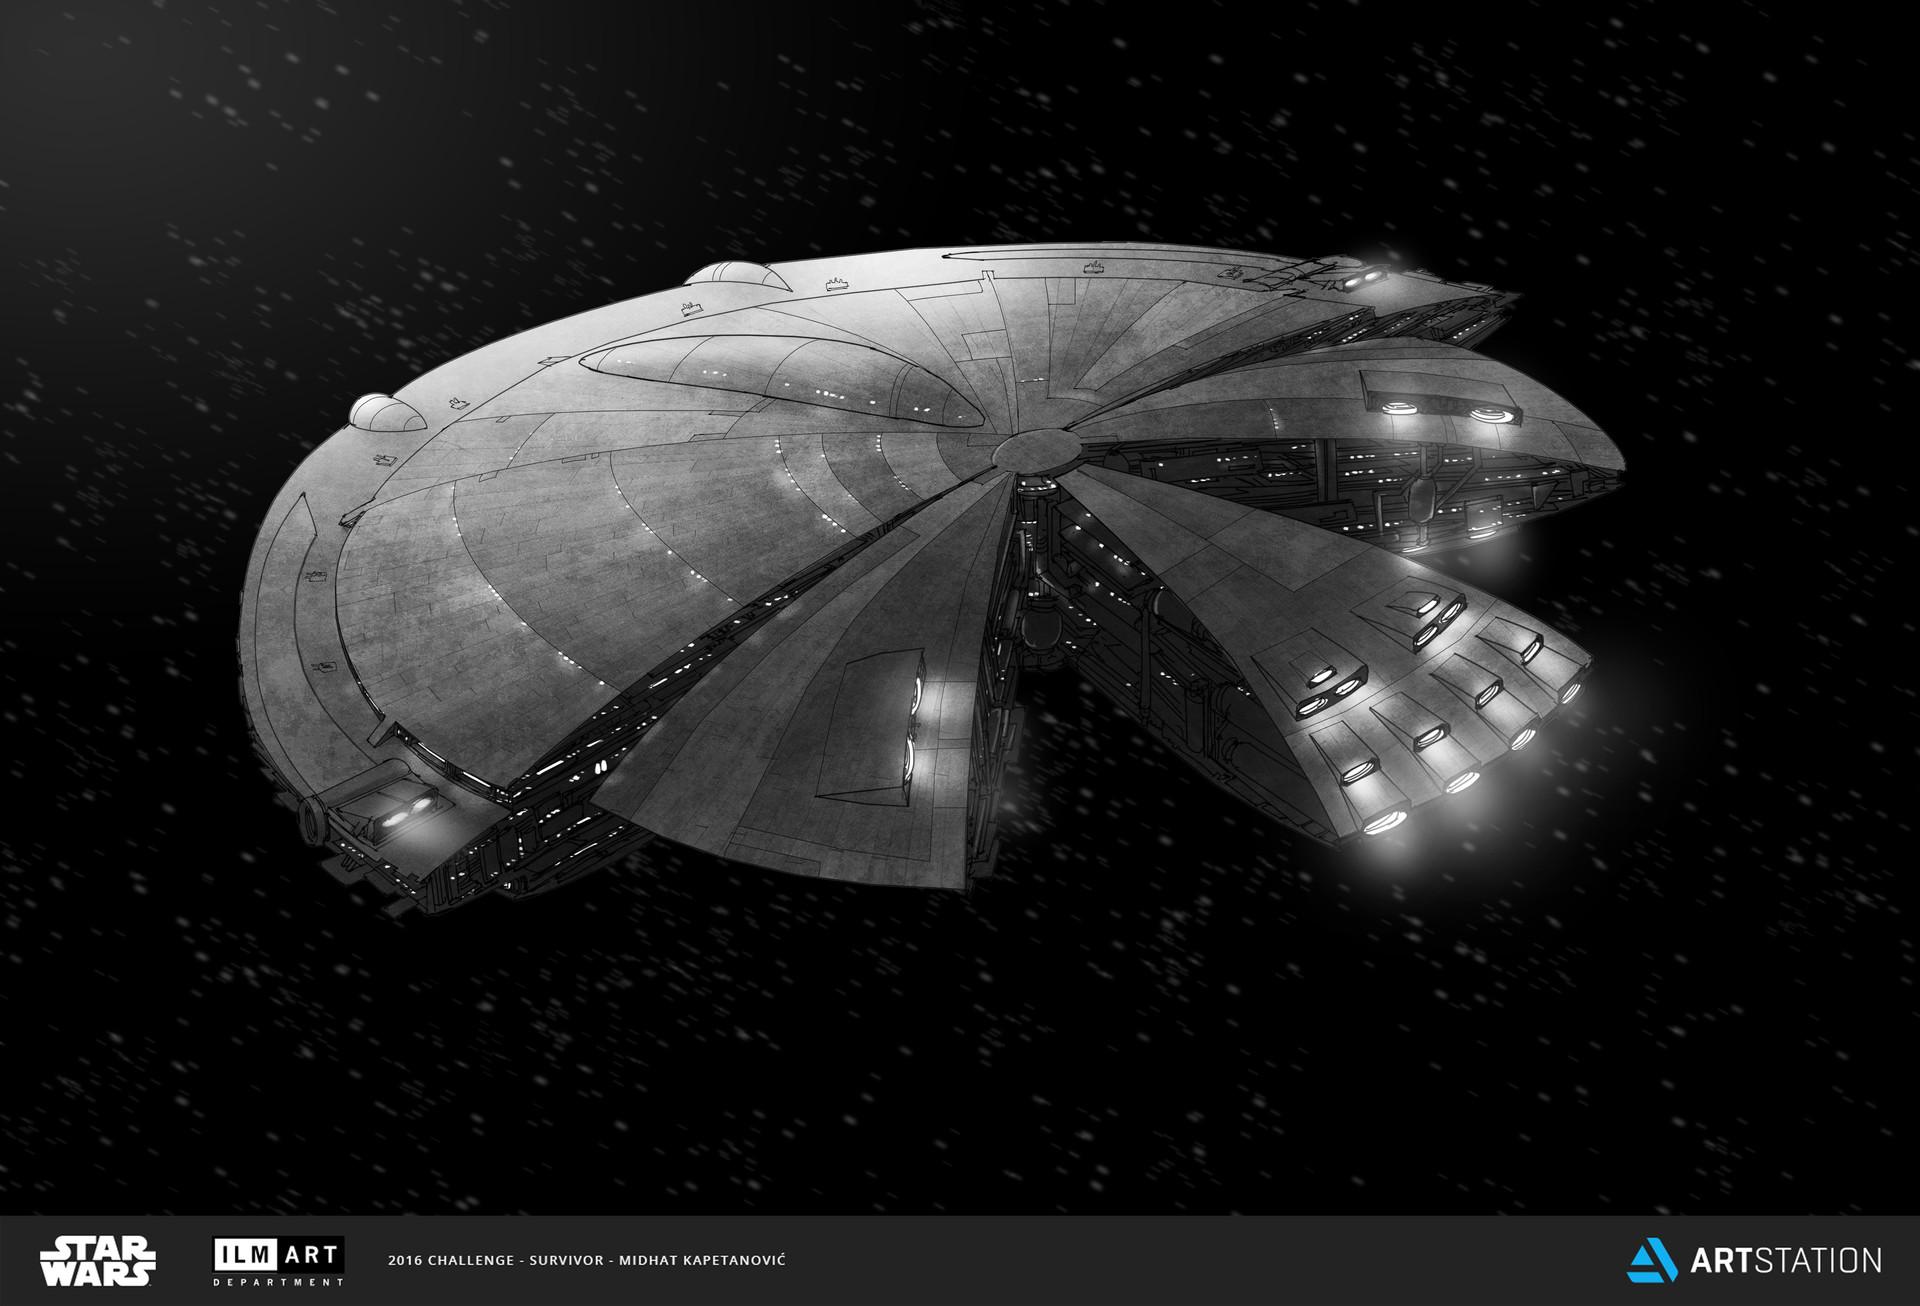 Midhat kapetanovic danji capital ship concept 001